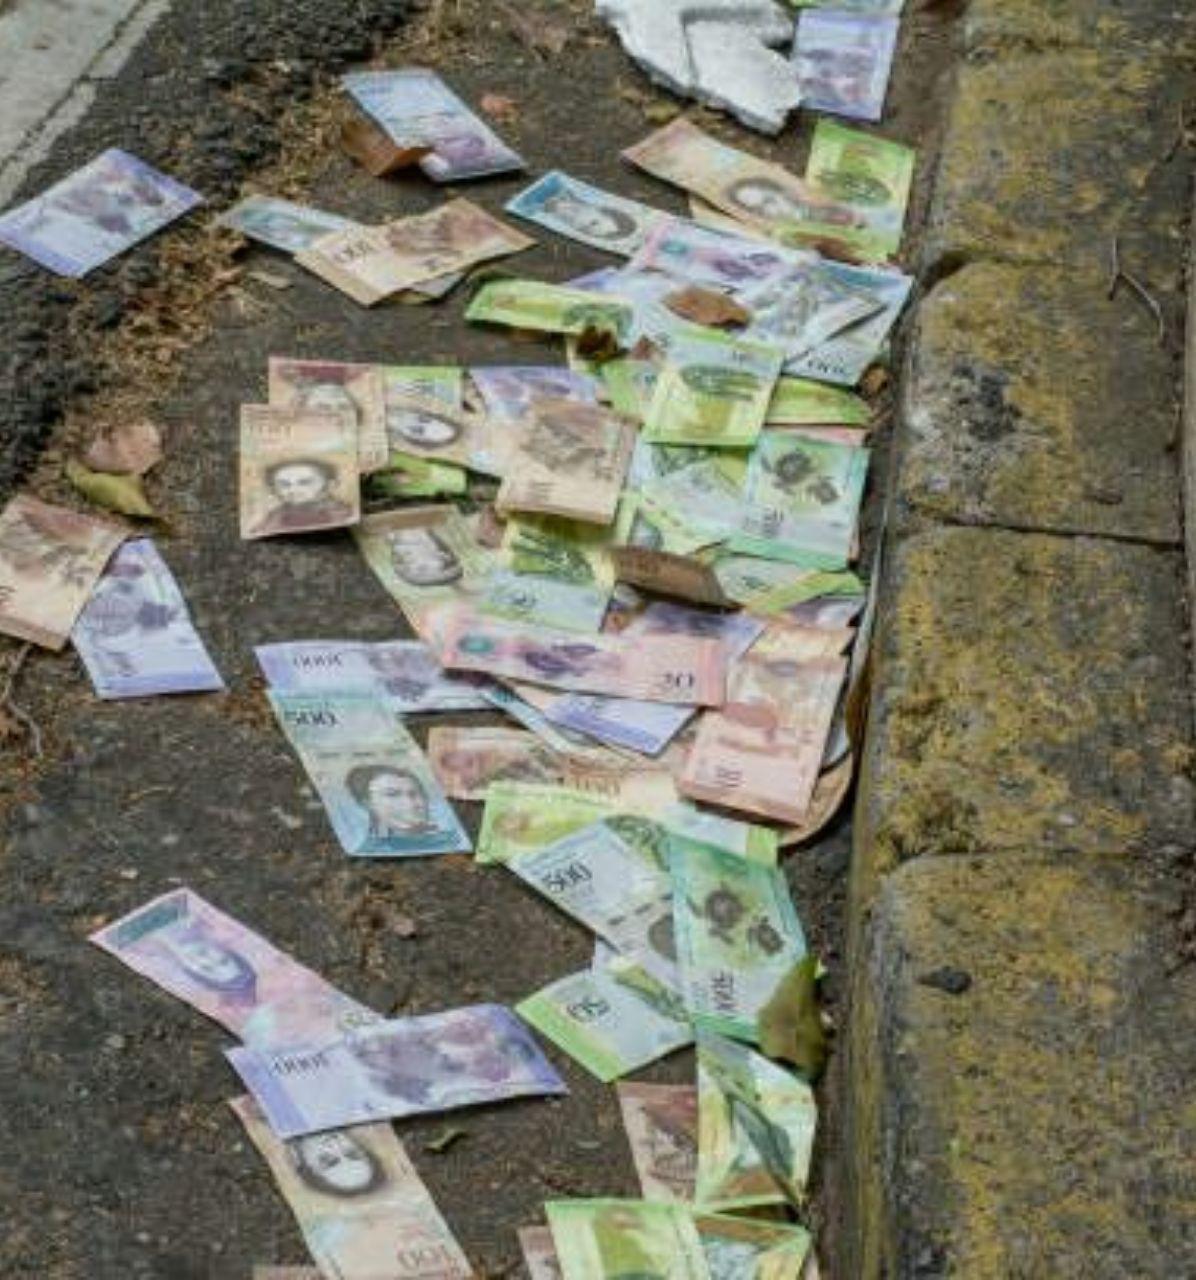 کف خیابانی در ونزوئلا مملو از اسکناس